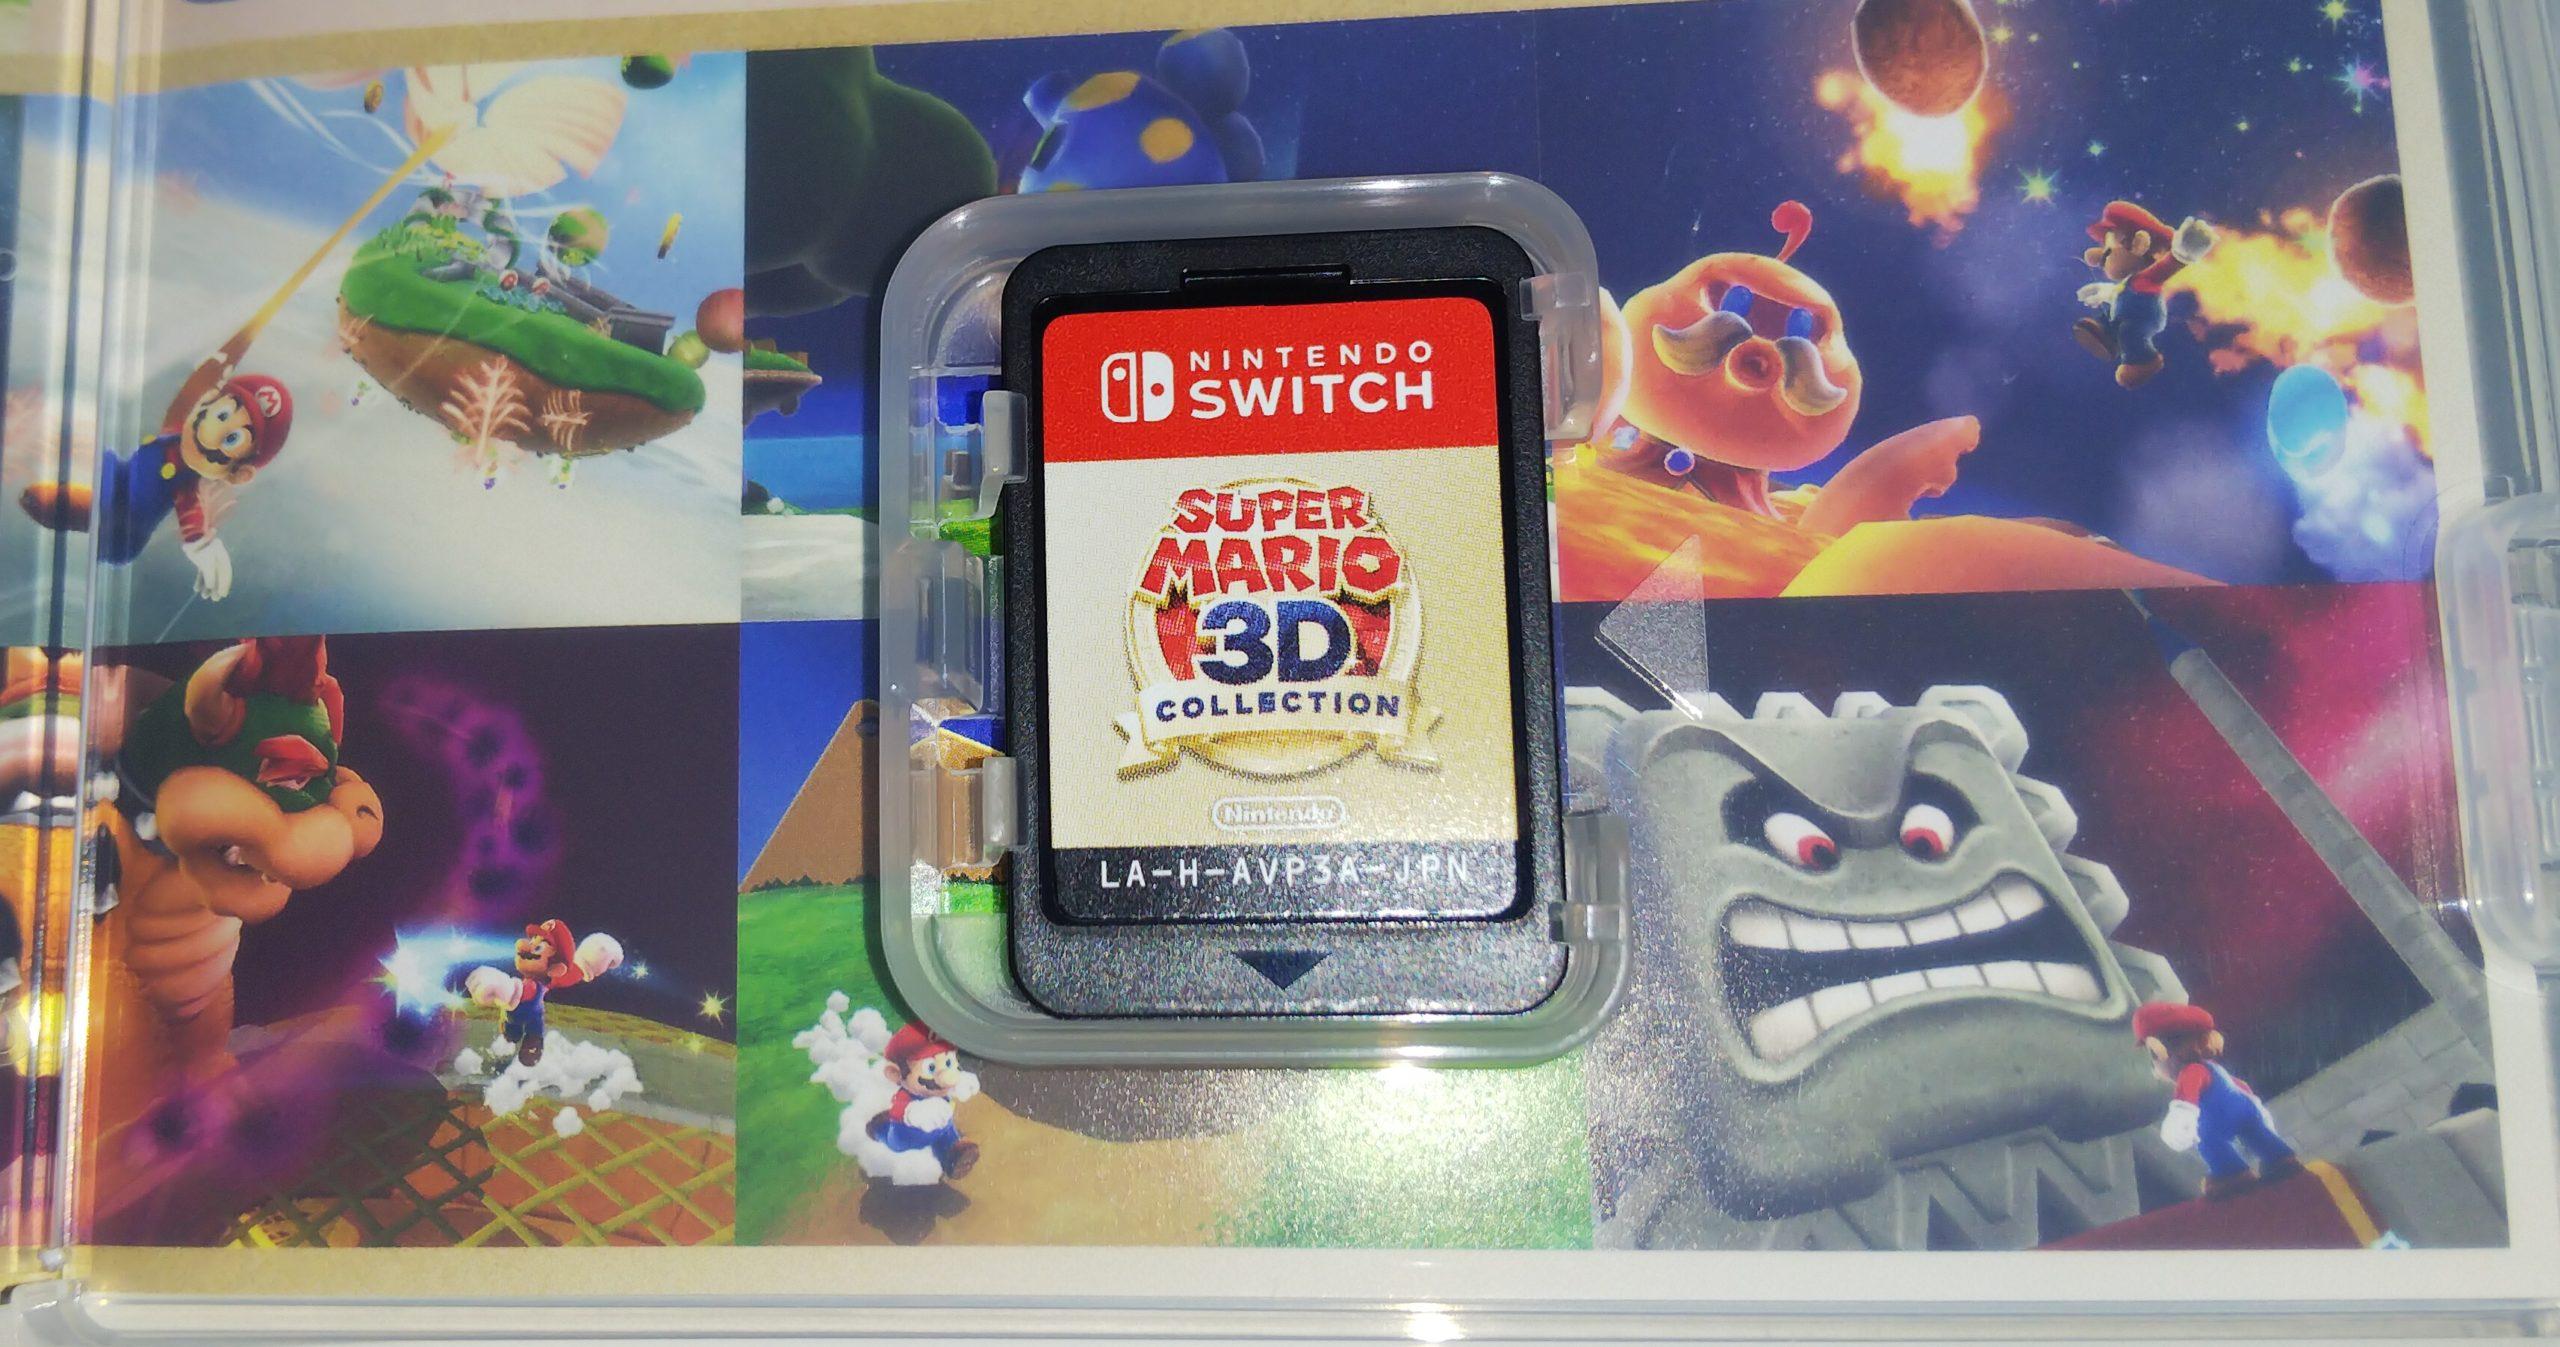 3d スーパー コレクション マリオ